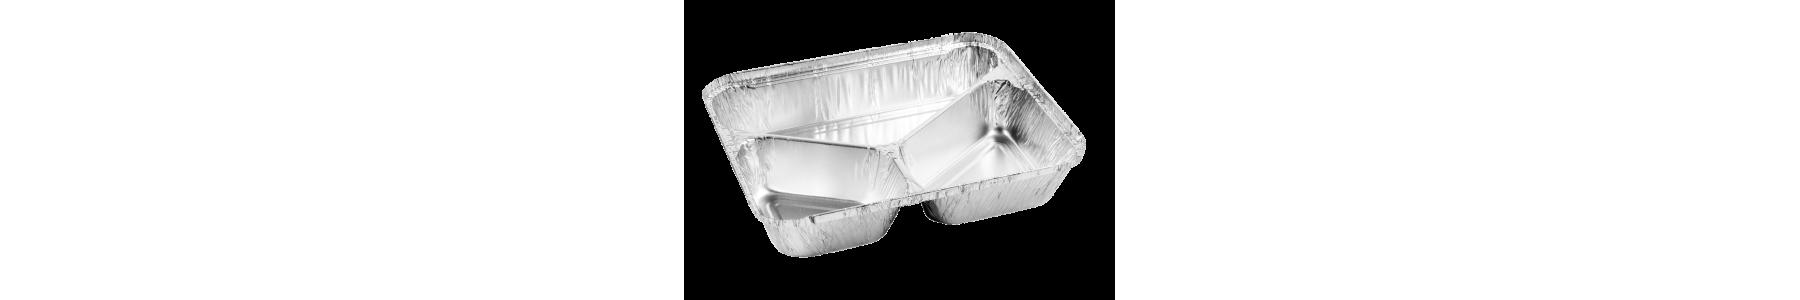 Caserole din aluminiu de unica folosinta.